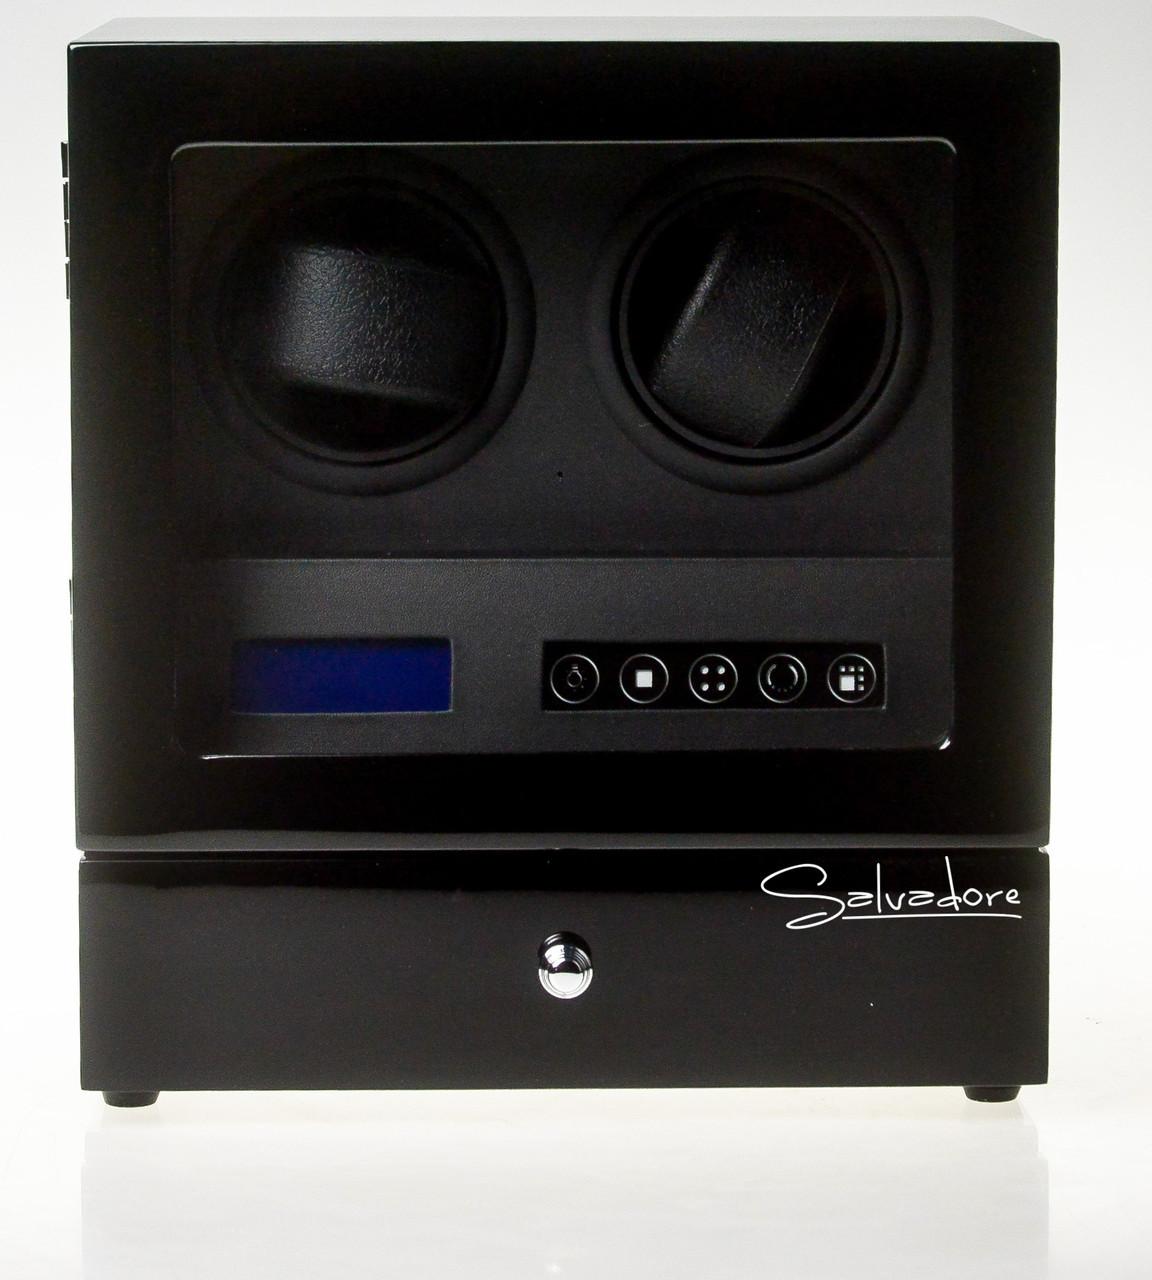 Шкатулка для подзавода часов Salvadore S-2/02-LB 2x2+